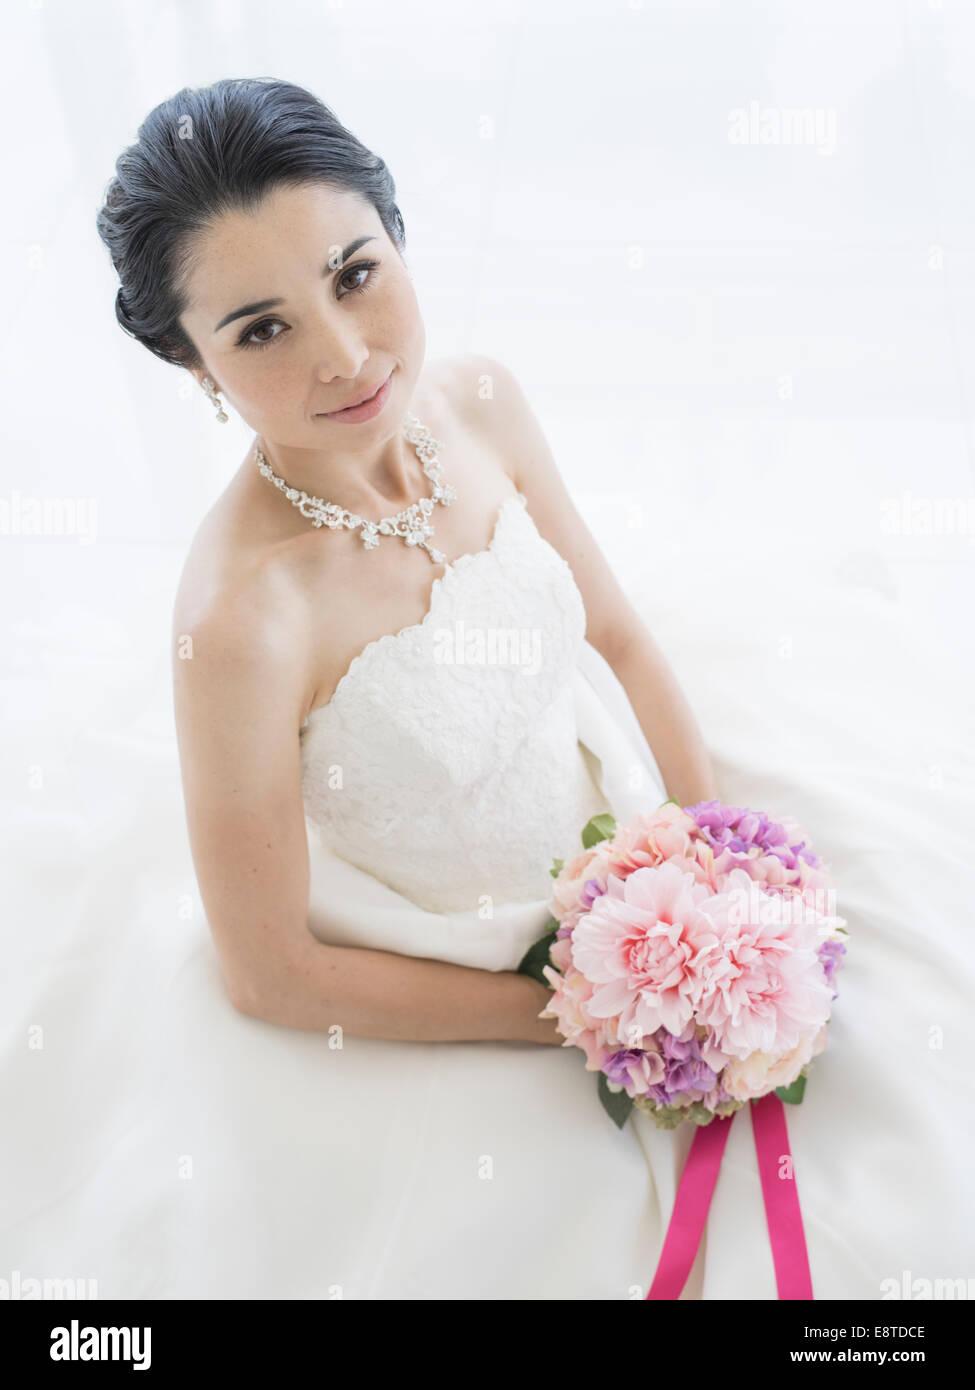 Wunderbar 30s Hochzeitskleid Bilder - Hochzeit Kleid Stile Ideen ...